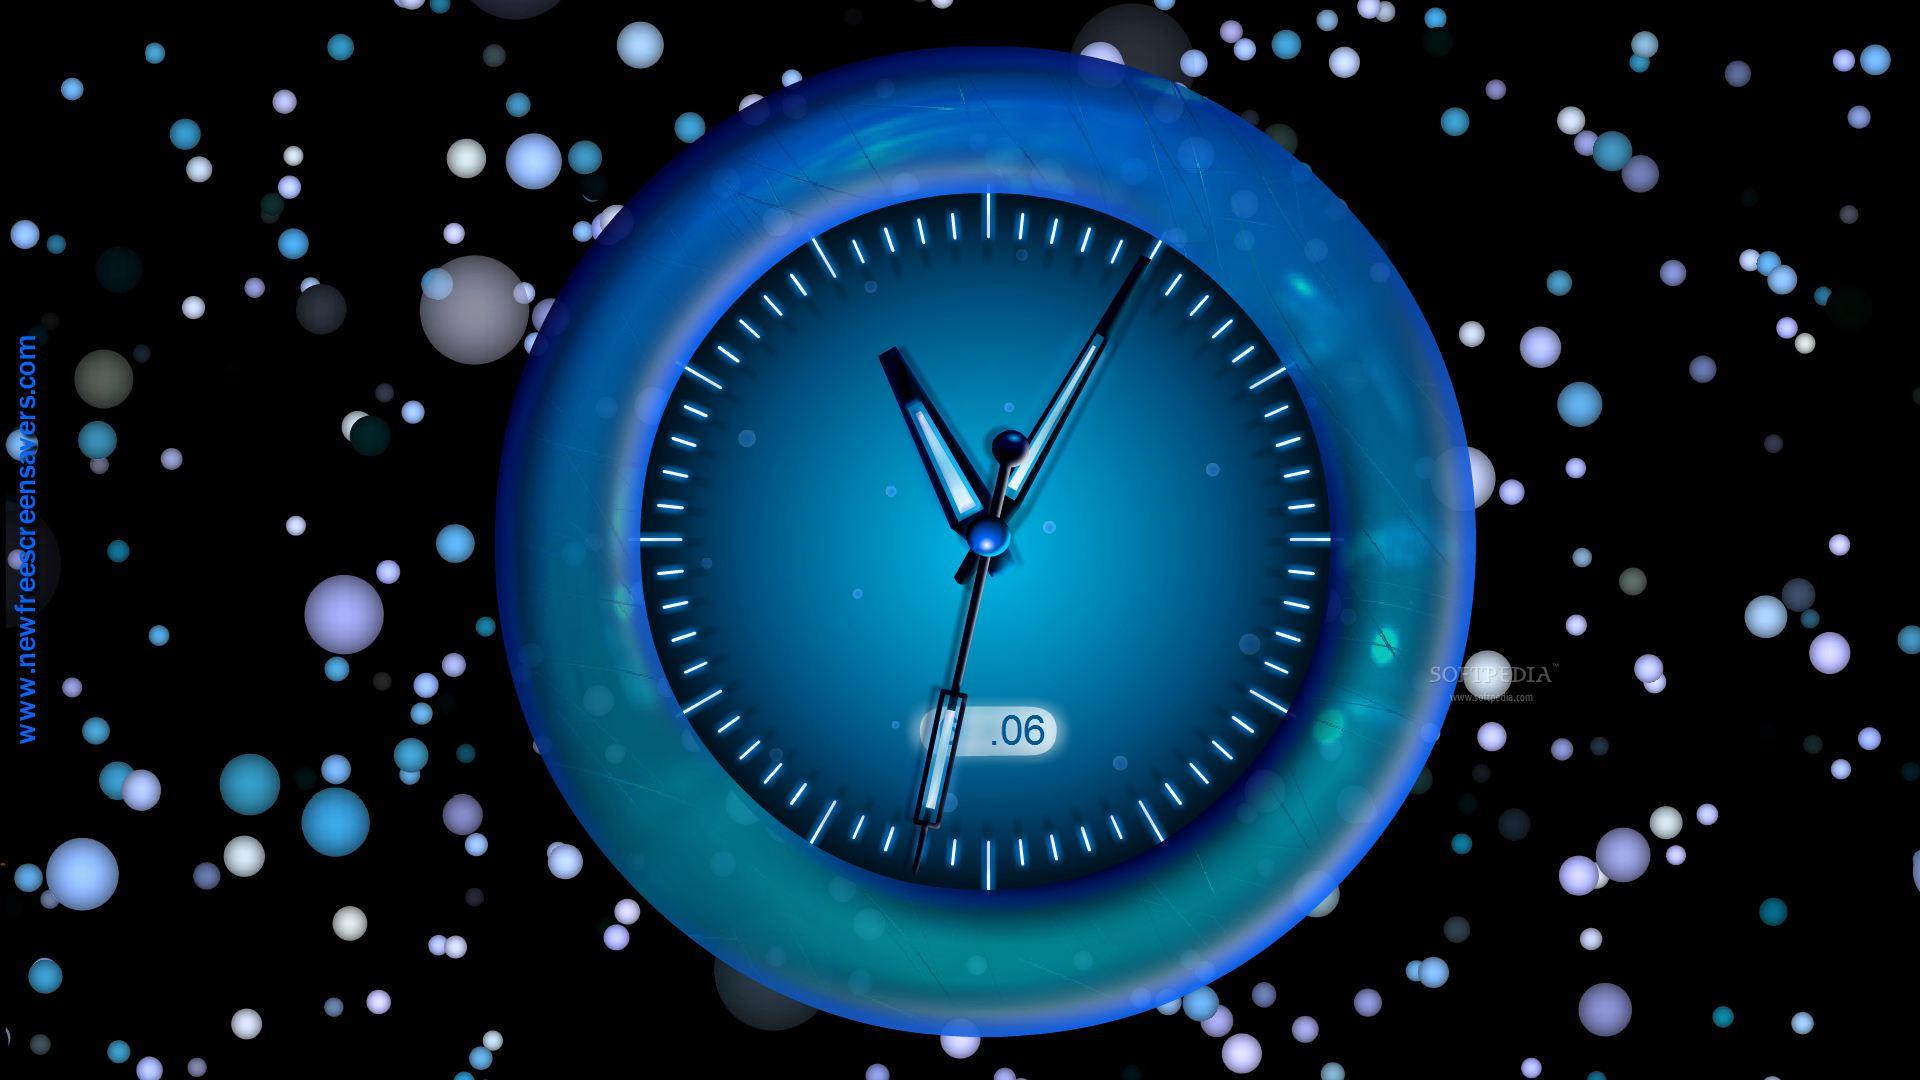 Clock Live Wallpaper For Pc Labzada